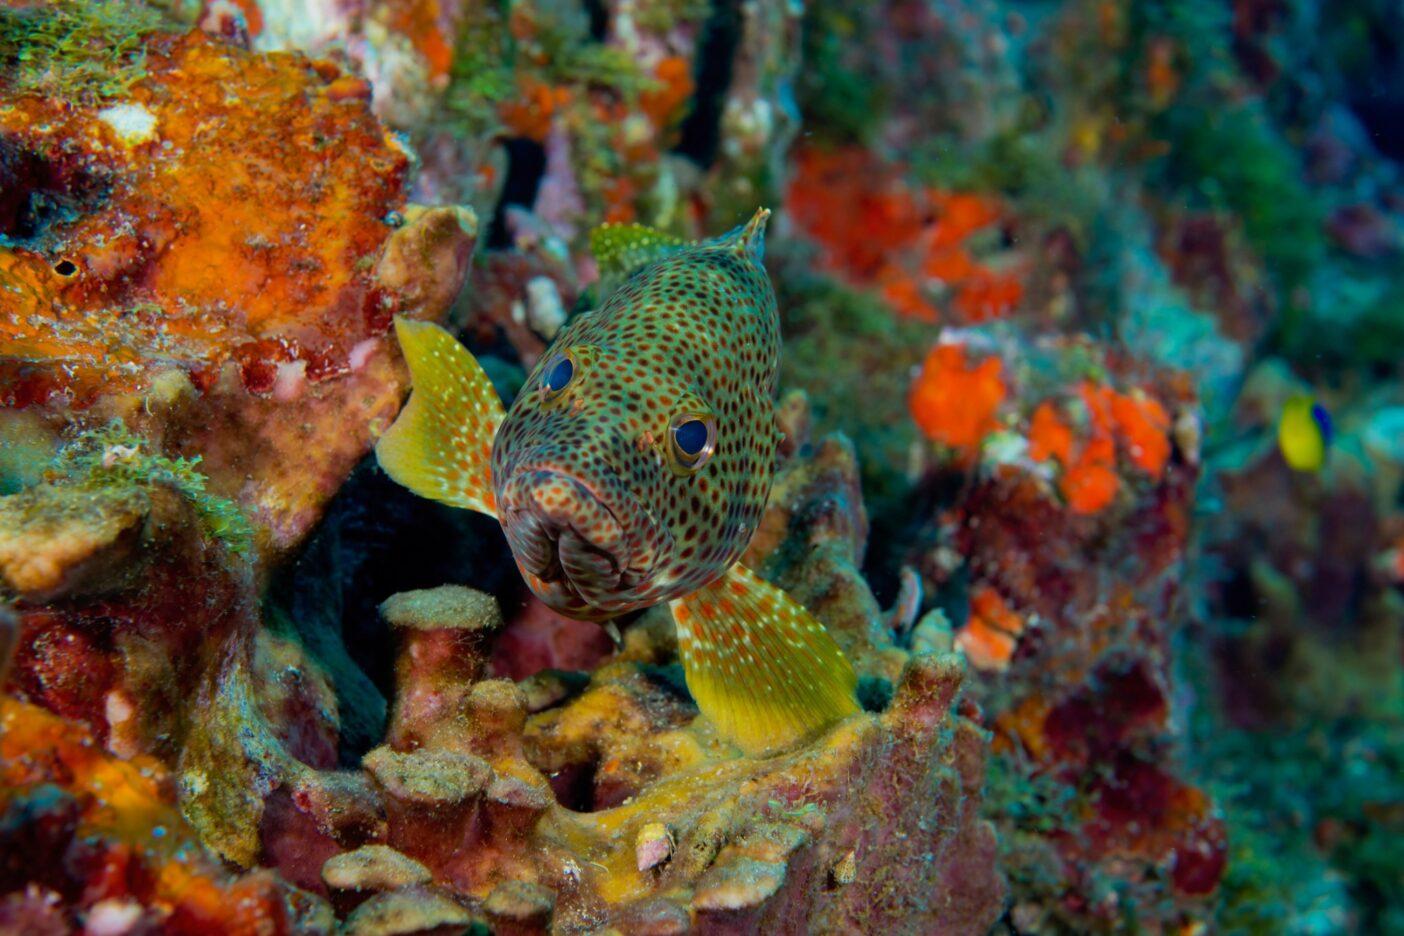 ステットソン・バンクで岩陰に隠れるハタ。テキサス州からルイジアナ州にまたがるこの保護区には17か所の礁や堆があり、ここもその1つである。Photo : Jesse Cancelmo